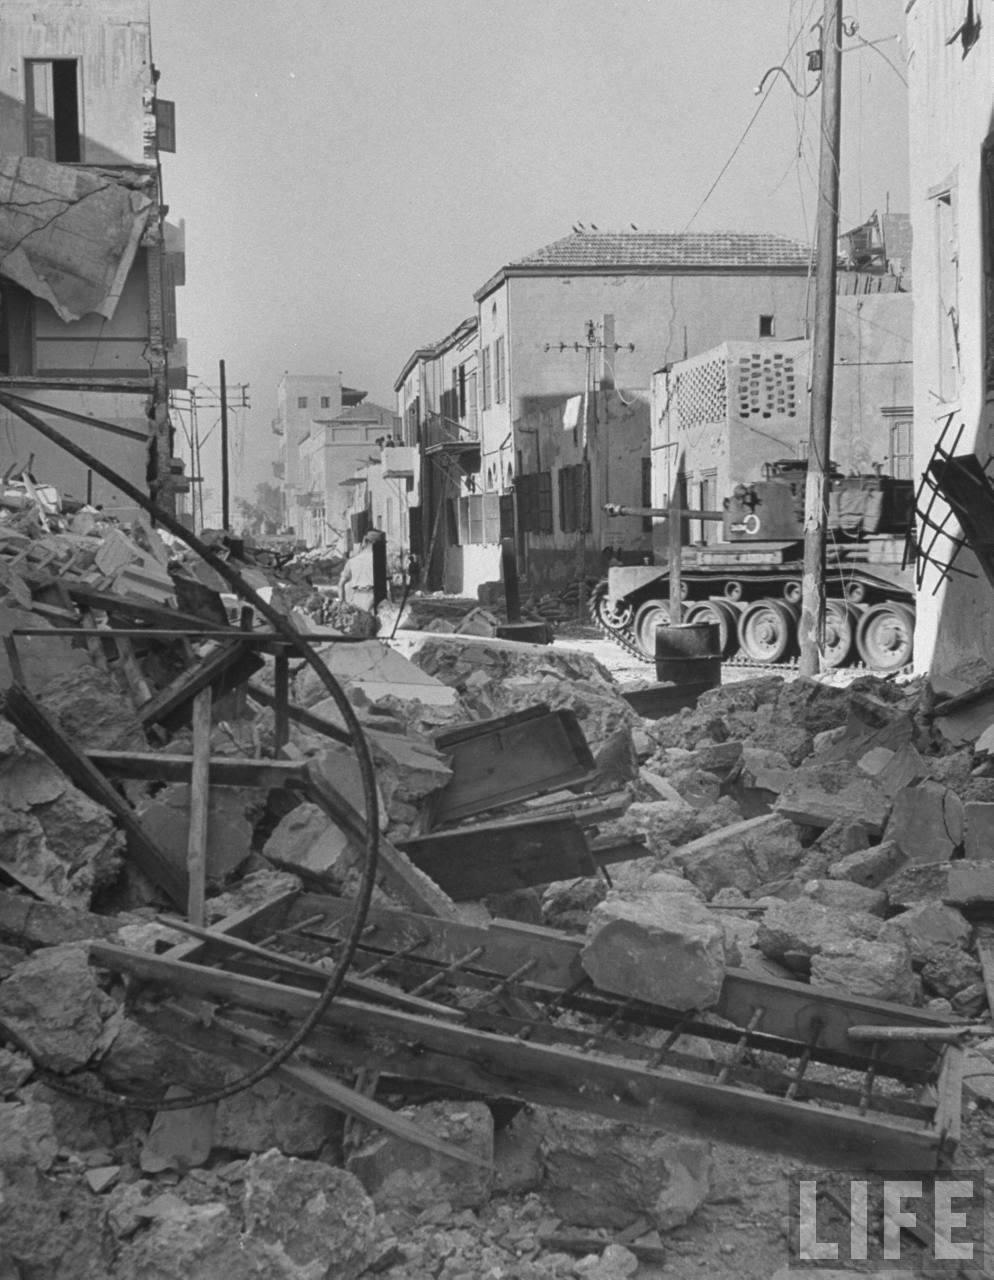 Последний патруль британских танков на улице в Яффо, пытается предотвратить дальнейшие боевые действия между евреями и арабами в самом конце действия мандата. 28 апреля